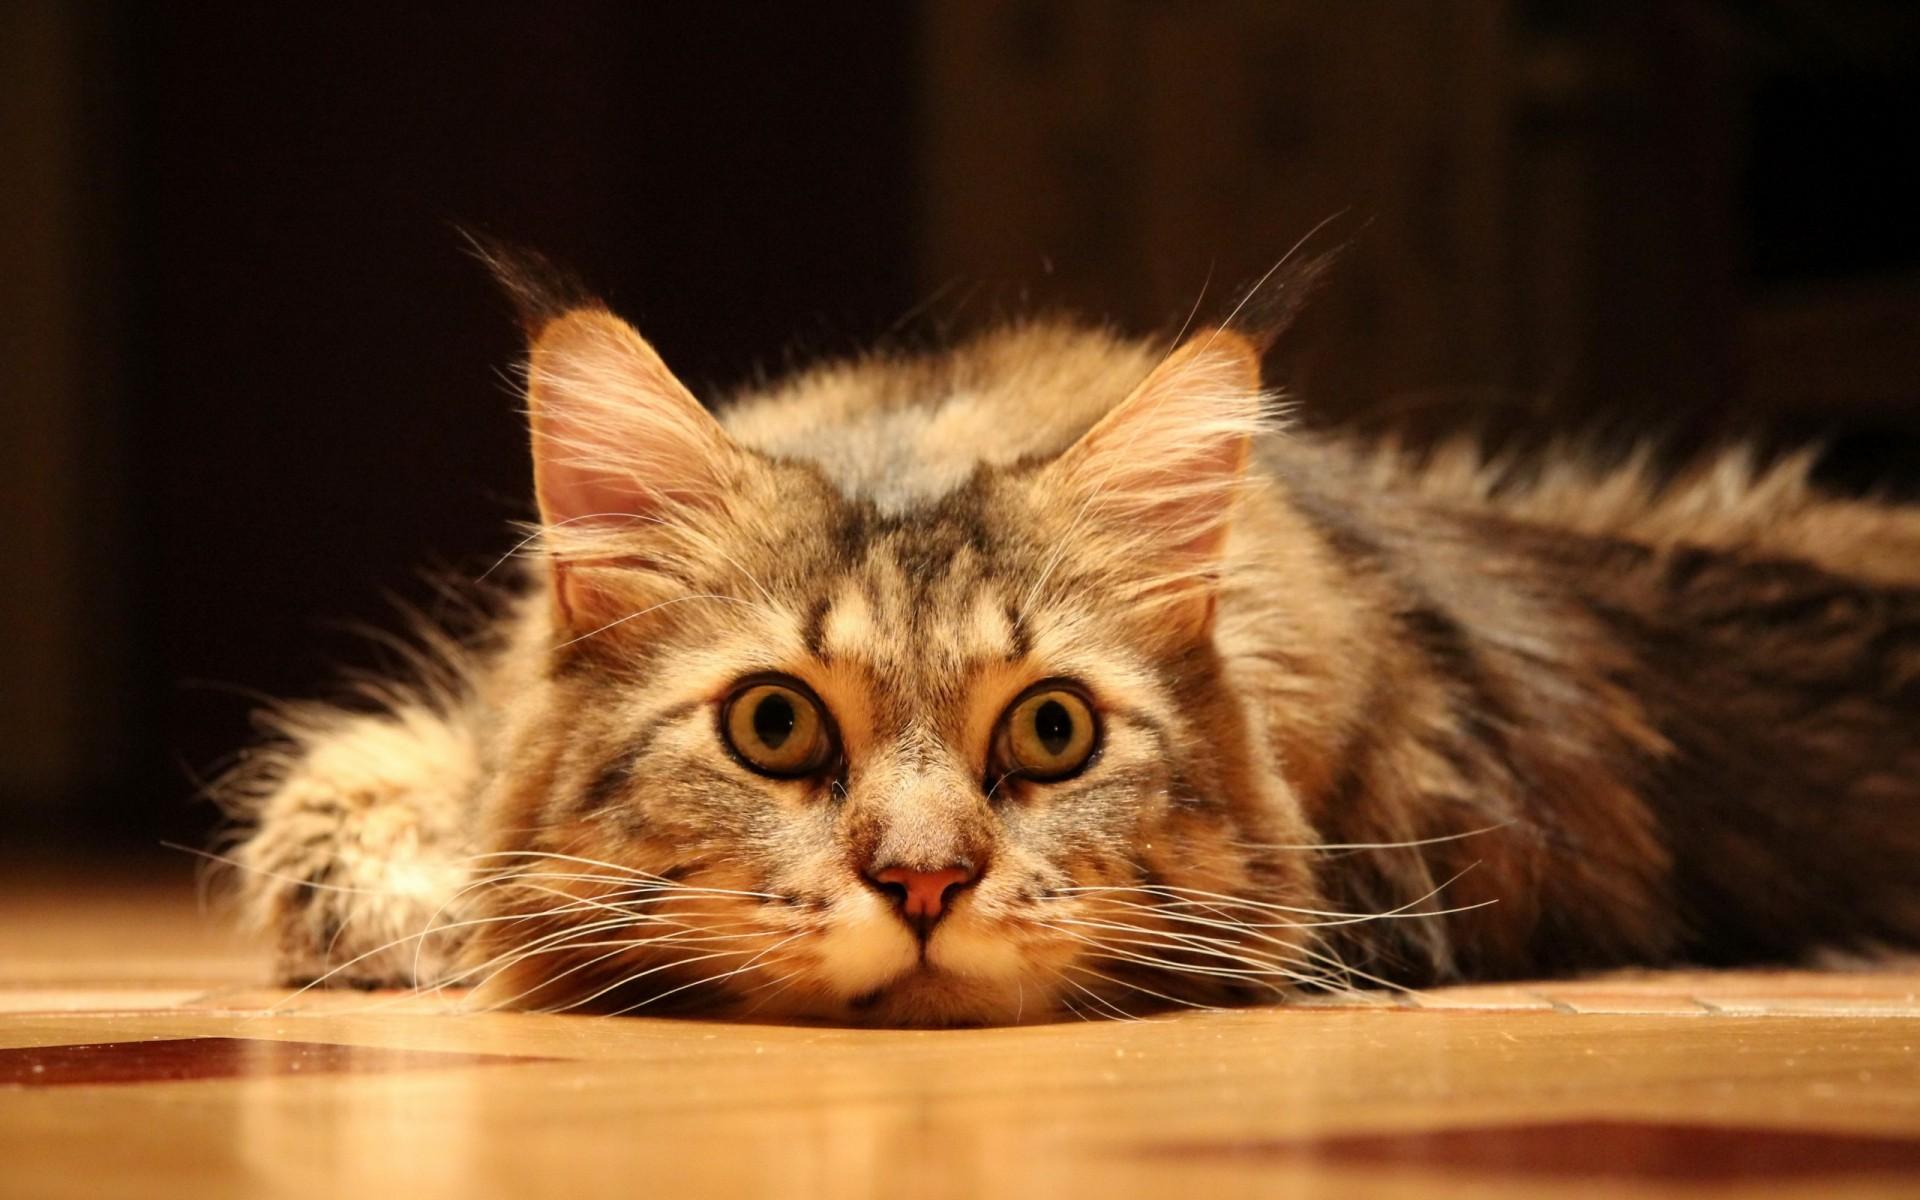 Картинки с котами прикольные на рабочий стол